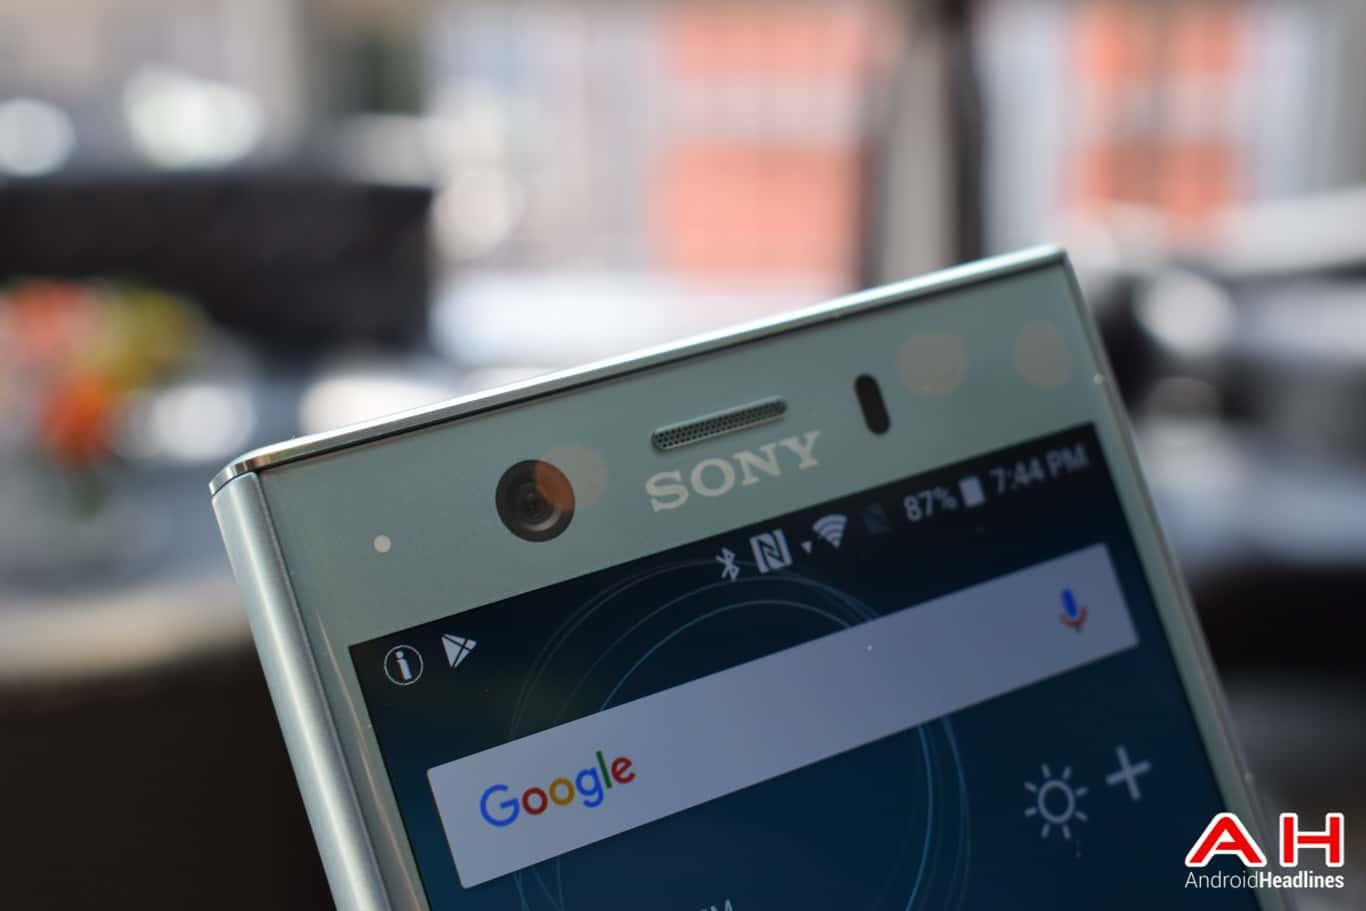 گوشی هوشمند جدیدی از سونی با نمایشگر 6 اینچی و اندروید اوریو در GFXBench رویت شد